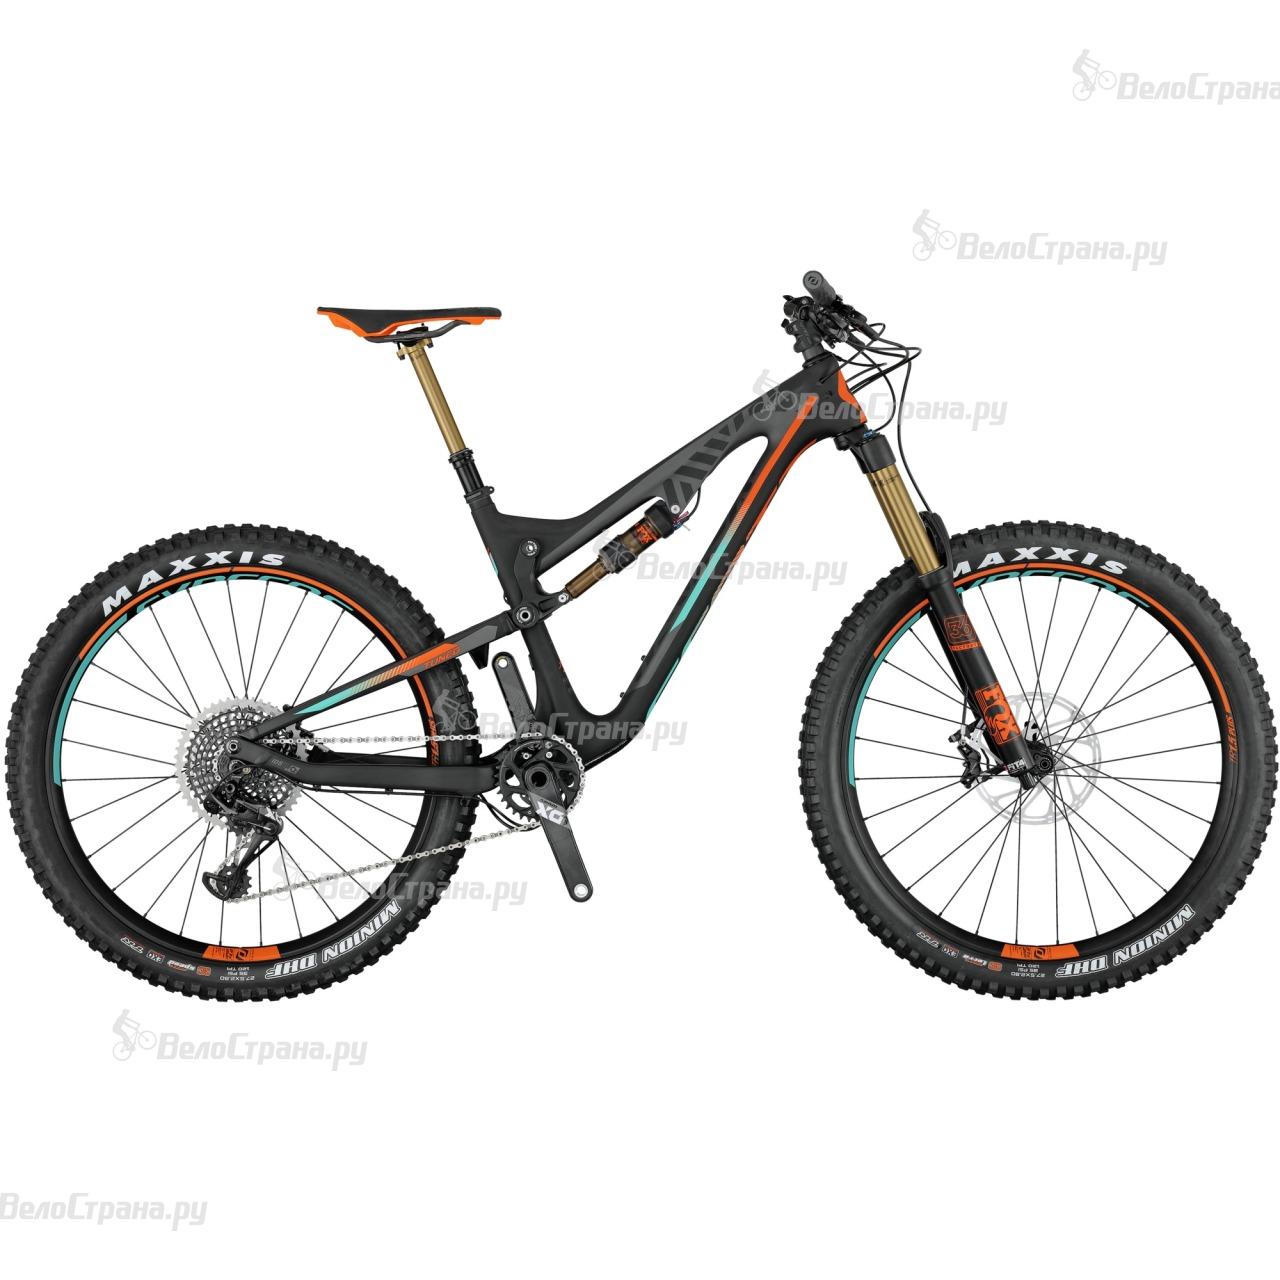 Велосипед Scott Genius LT 700 Plus Tuned (2017) гарнитура genius hs 04su с устранением шумовых помех для msn